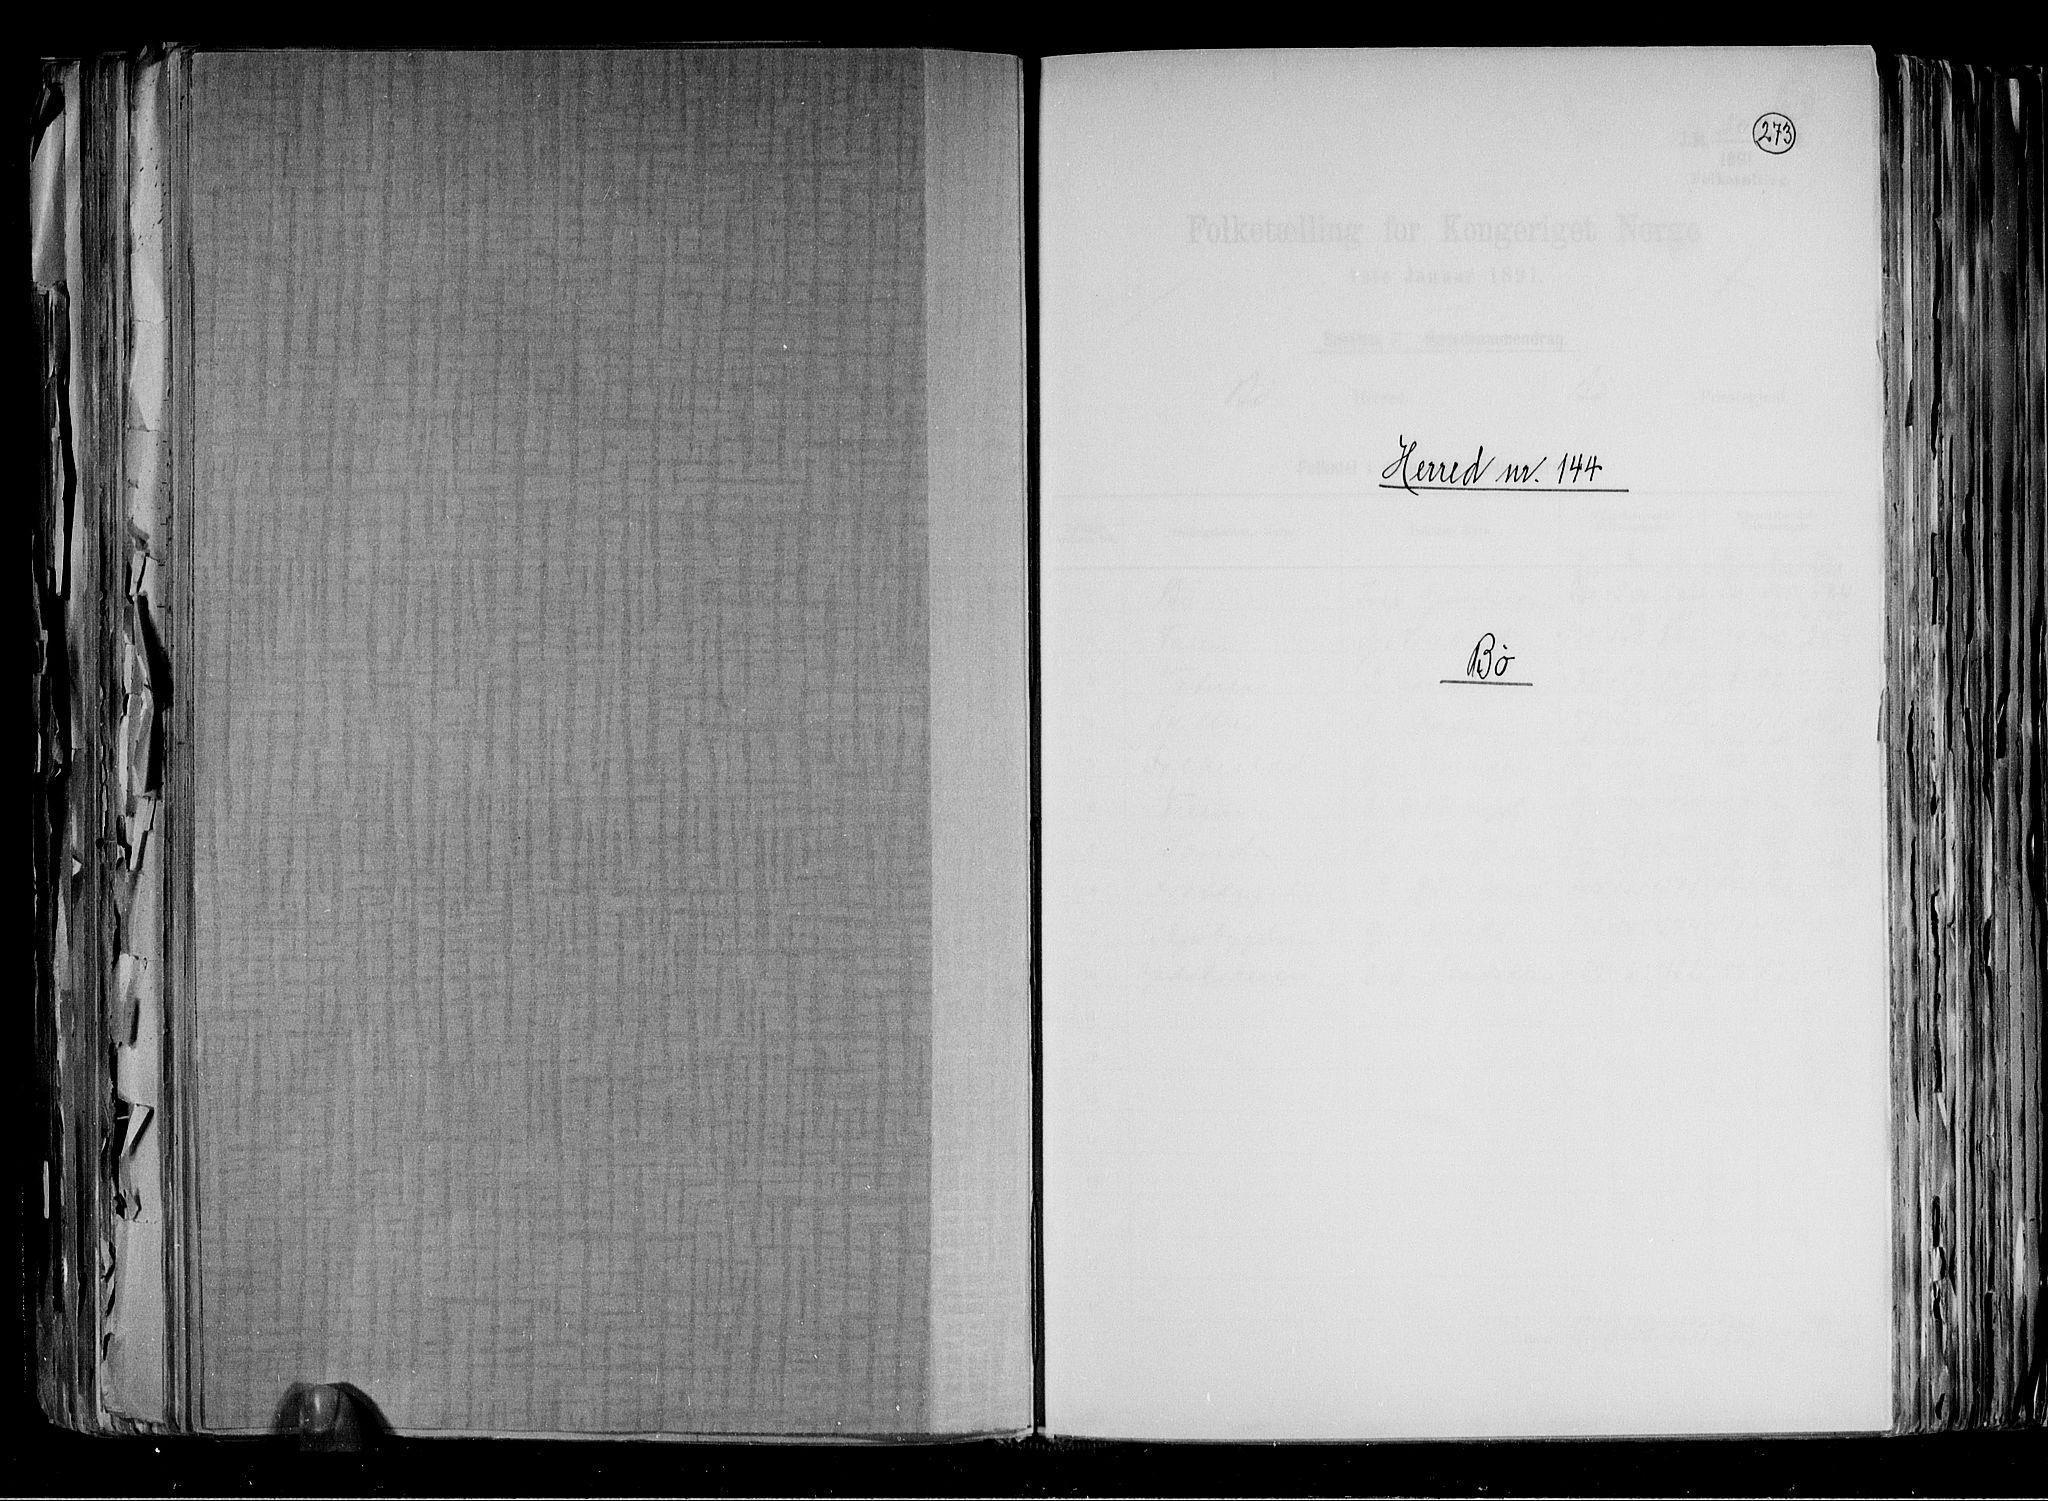 RA, Folketelling 1891 for 0821 Bø herred, 1891, s. 1